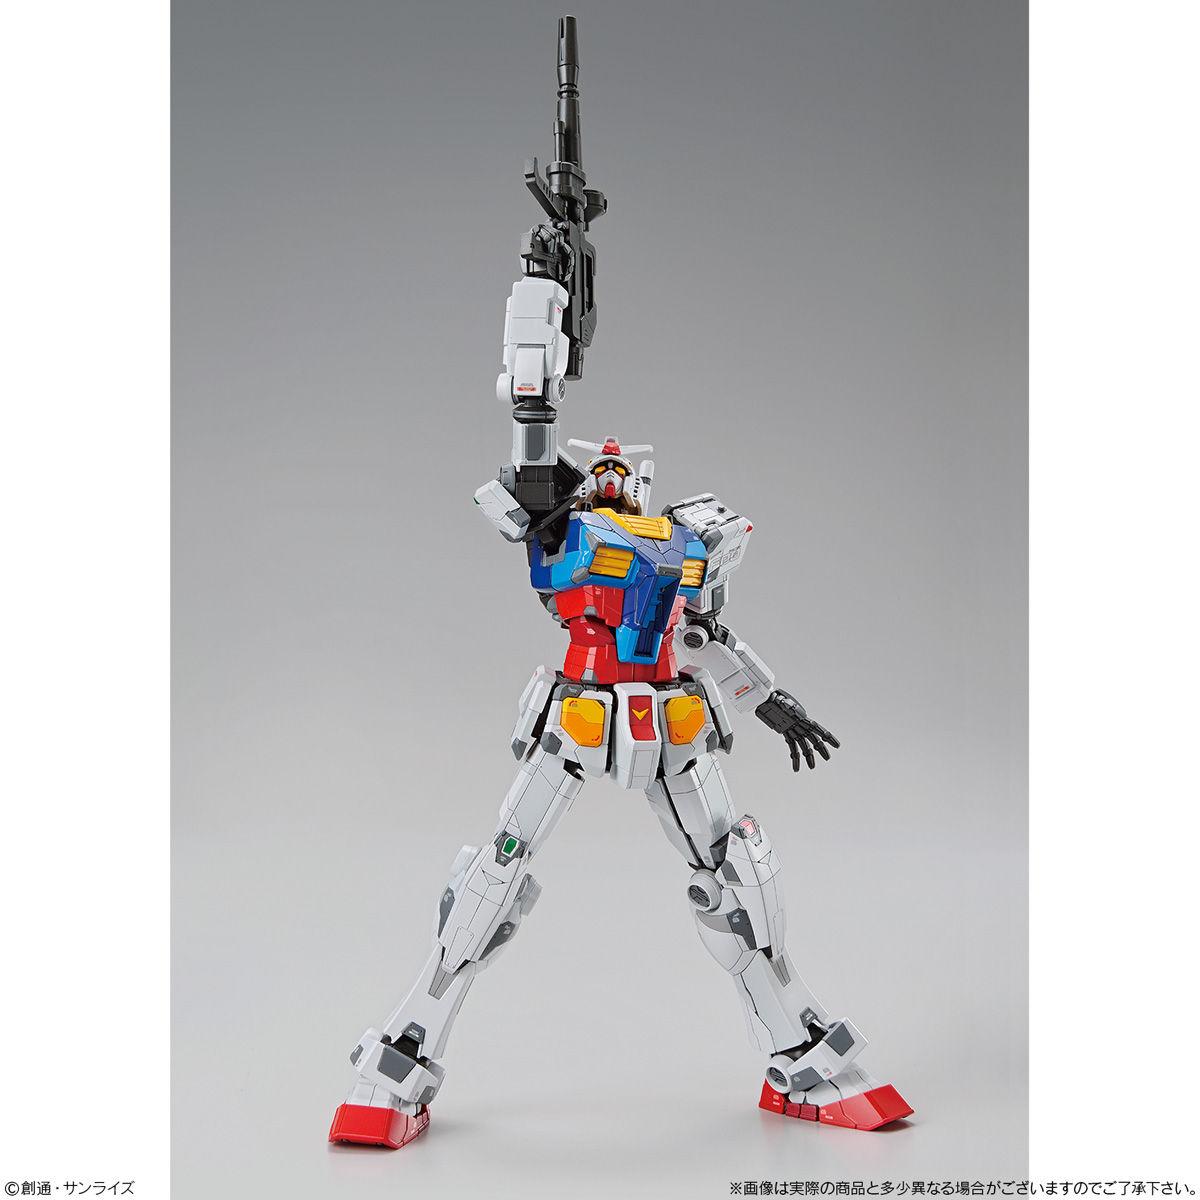 【先行販売】GUNDAM FACTORY YOKOHAMA『RX-78F00 ガンダム』1/100 プラモデル-006